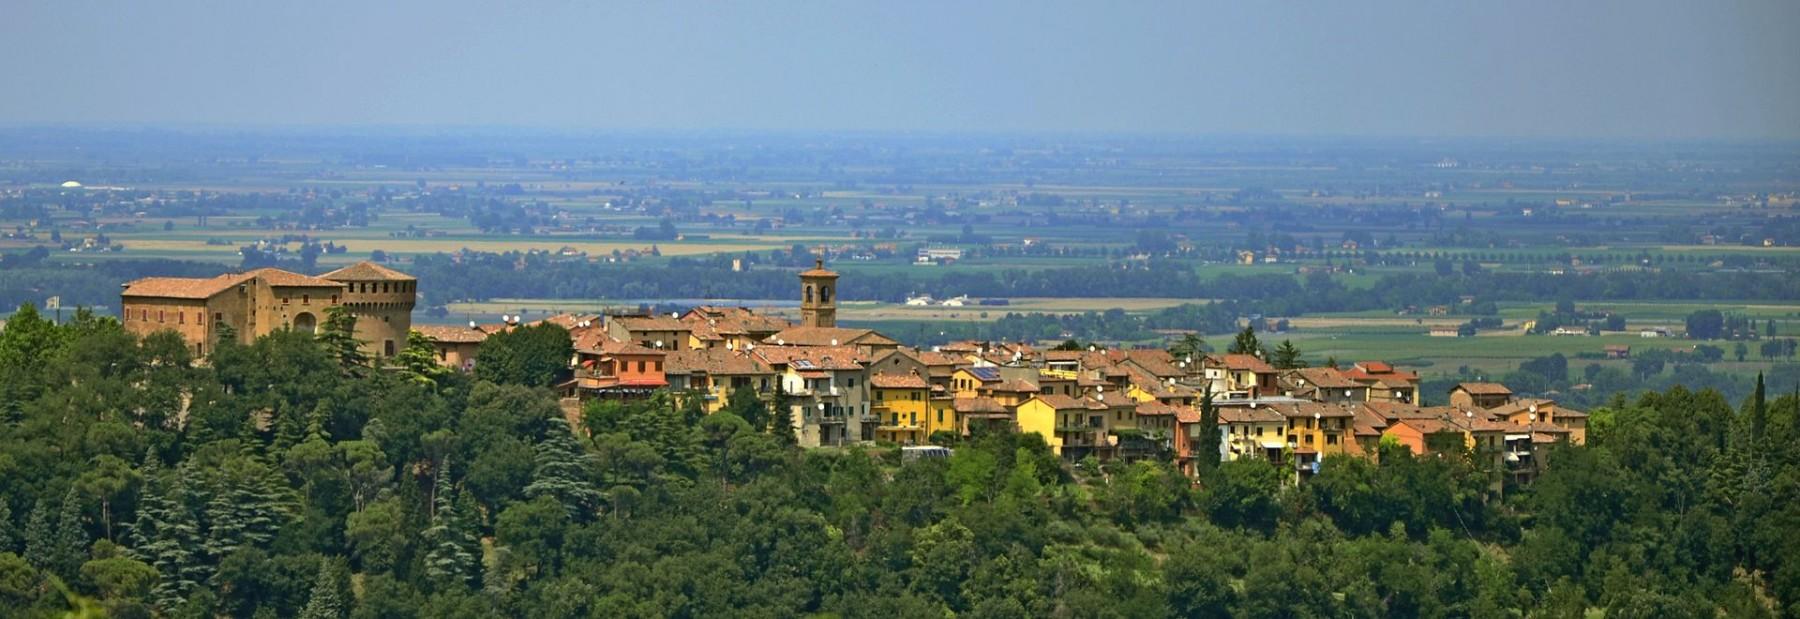 Dozza vista sul borgo - Foto di Durelli Massimo via Wikipedia